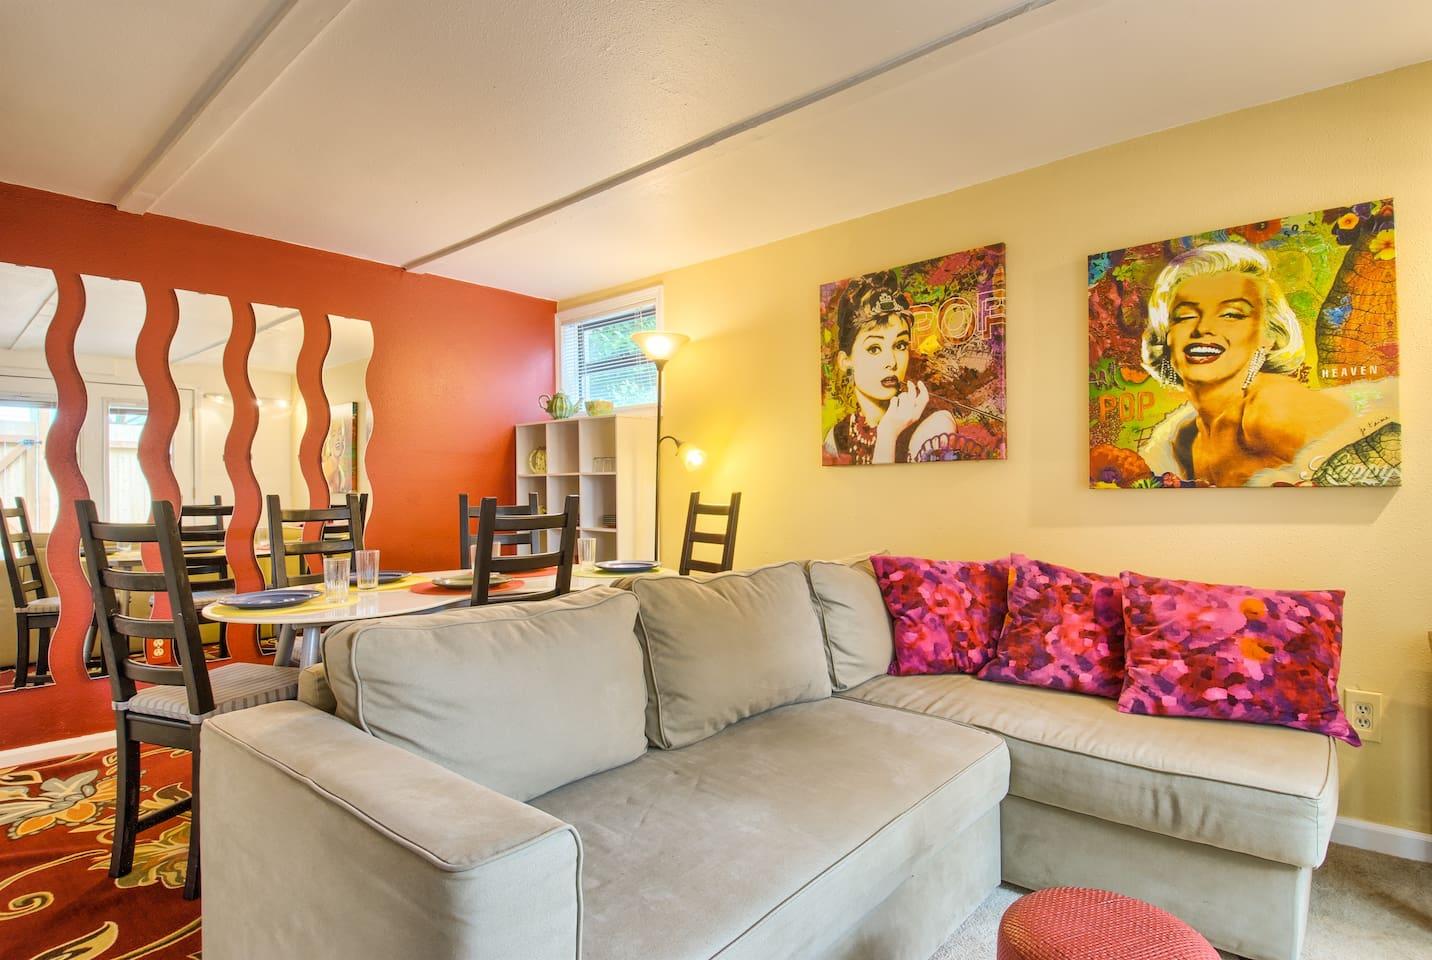 Fun remodled apartment in Ballard neighborhood in Seattle.